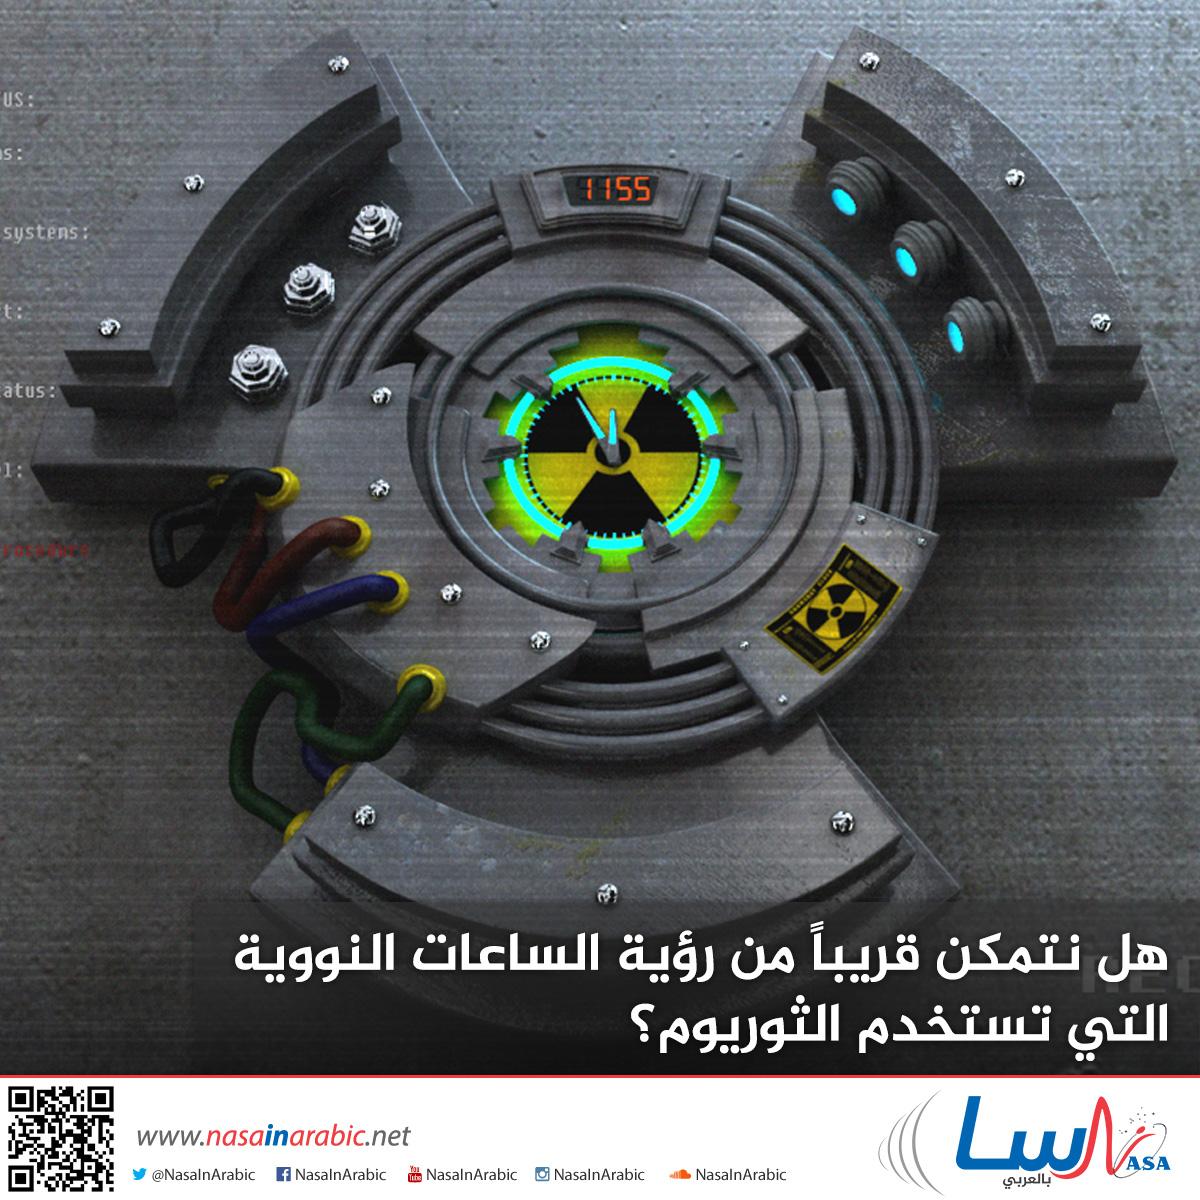 هل نتمكن قريباً من رؤية الساعات النووية التي تستخدم الثوريوم؟